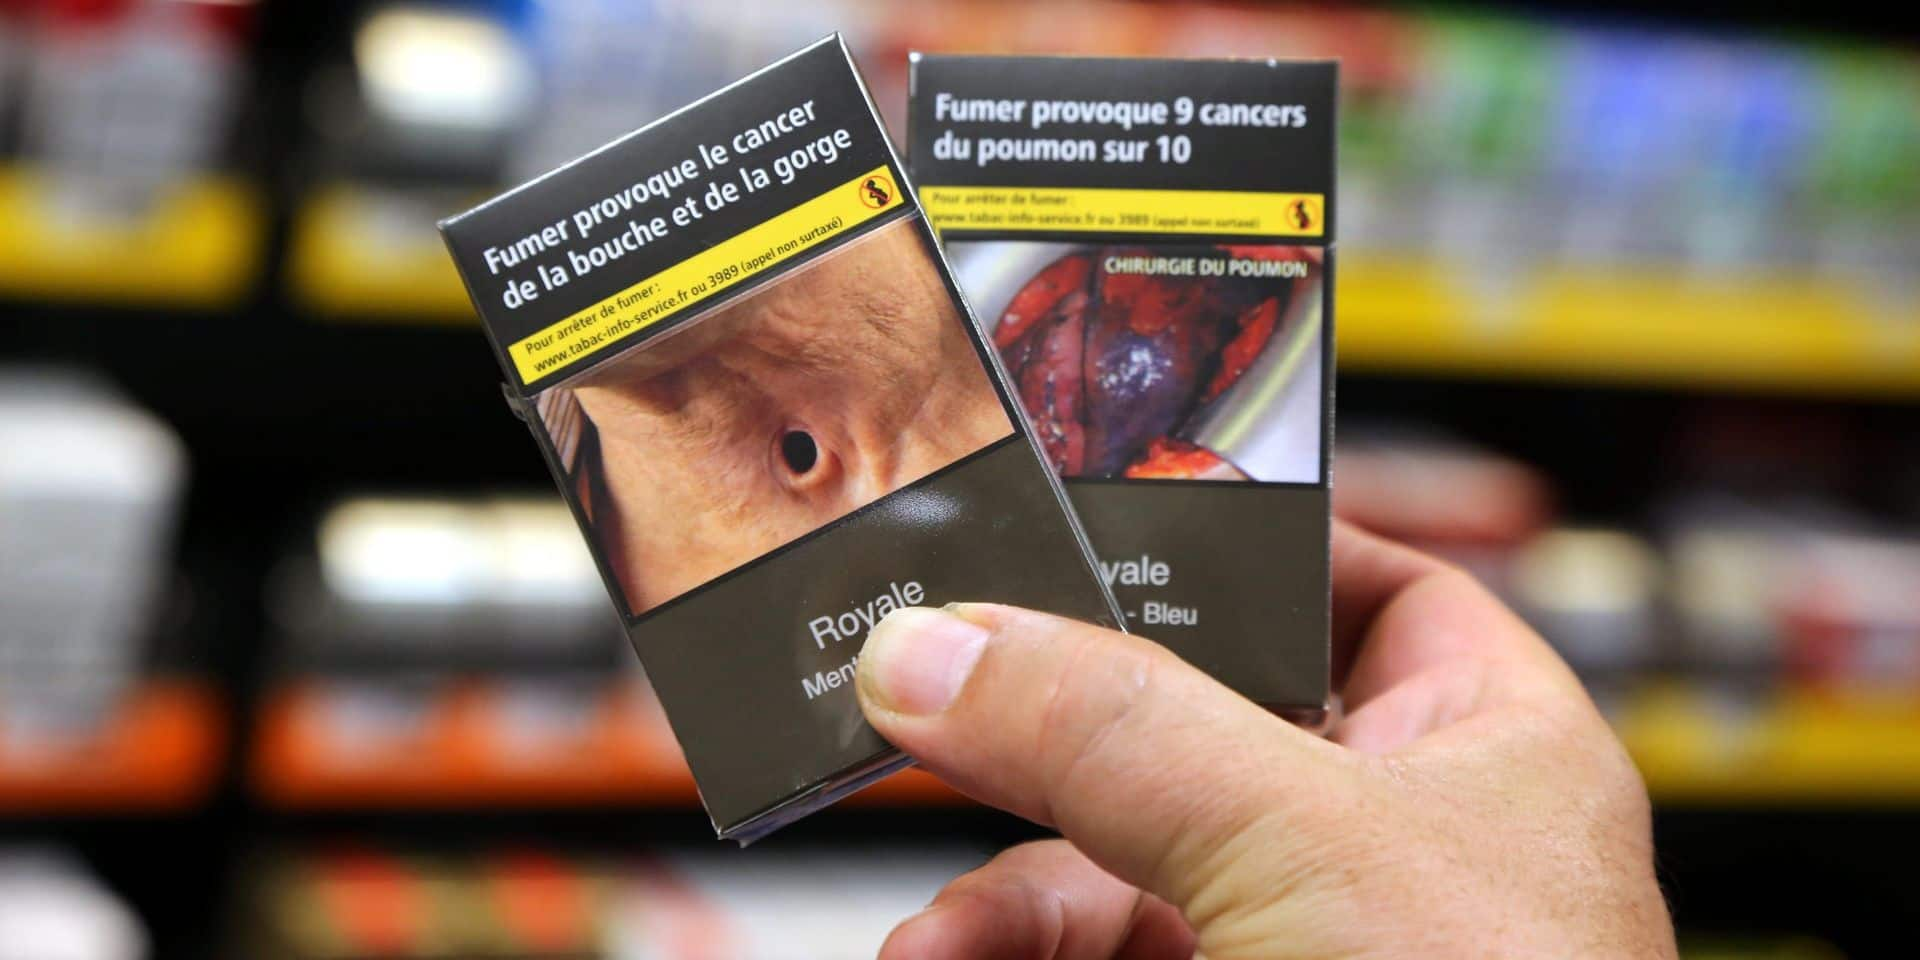 Le prix du paquet de cigarettes ne va pas cesser d'augmenter au fil des 4 années à venir !